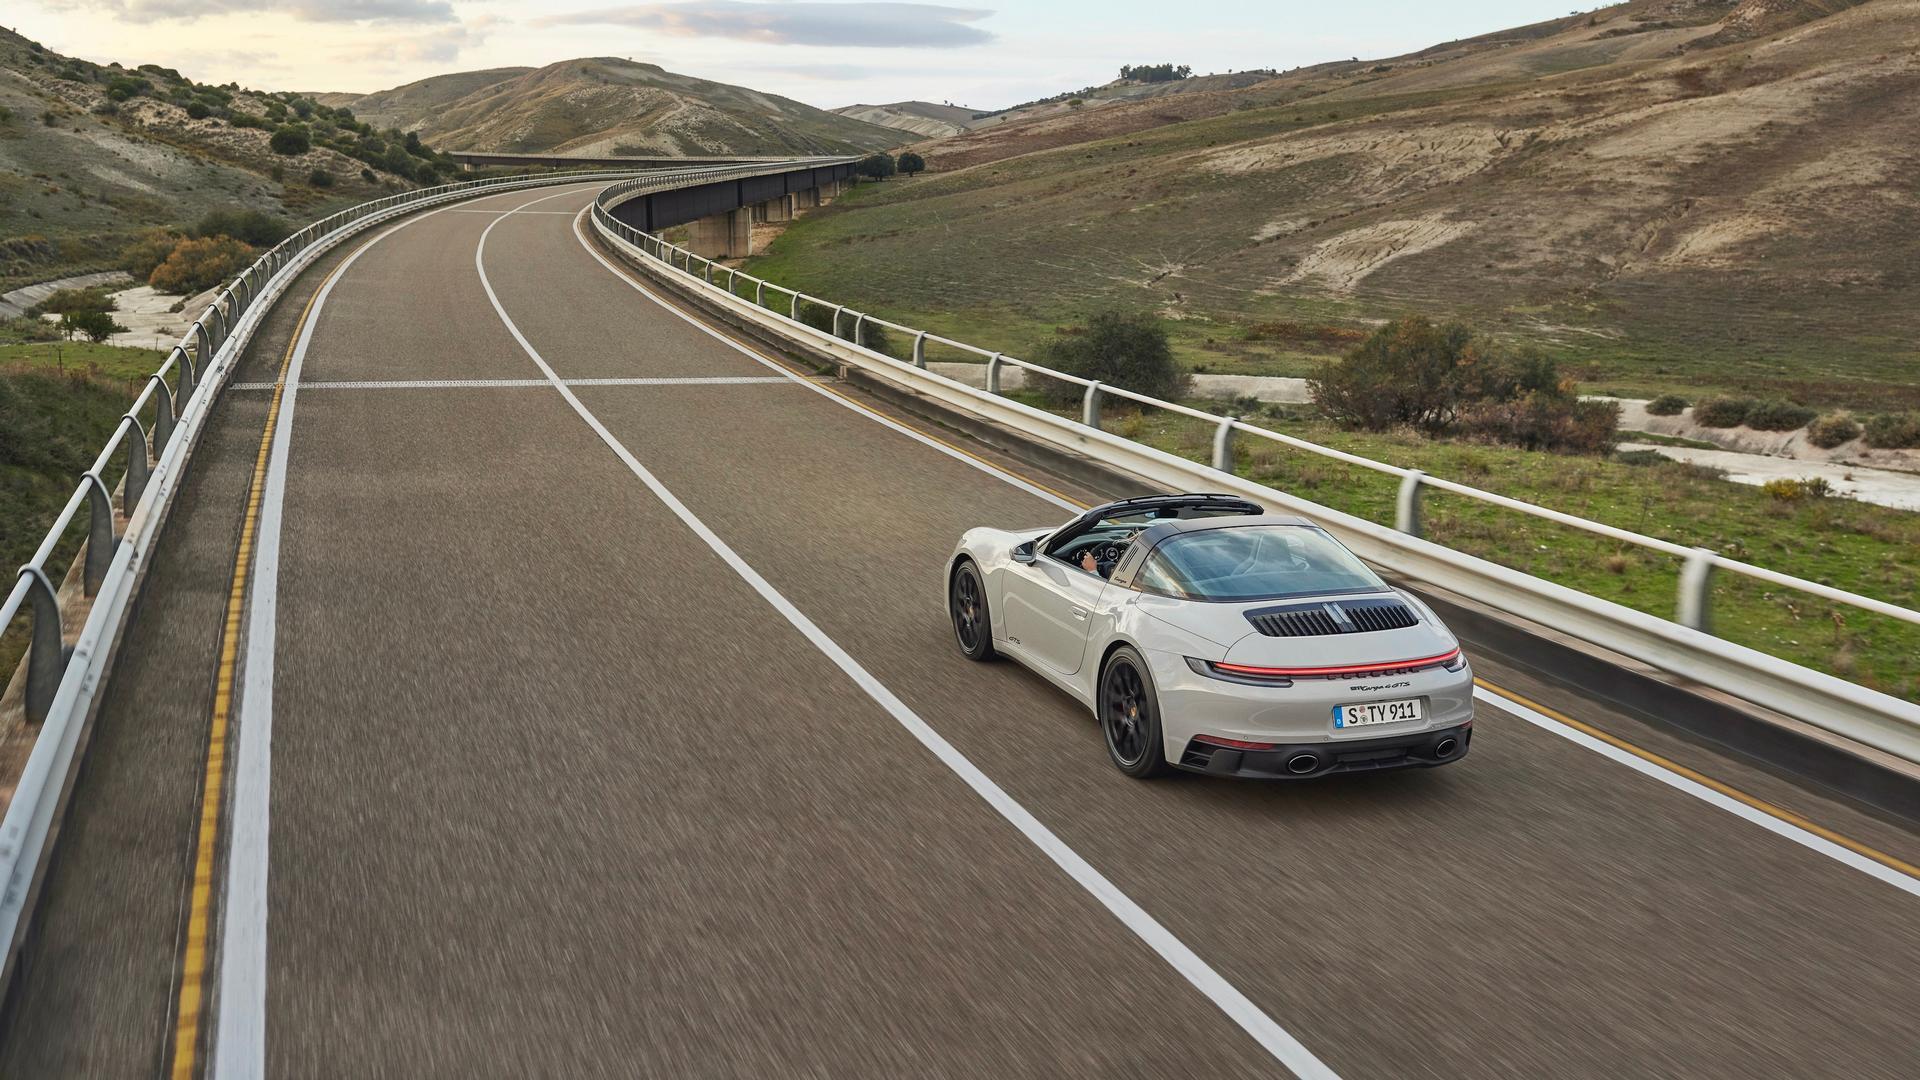 Porsche 911 GTS Convertible driving